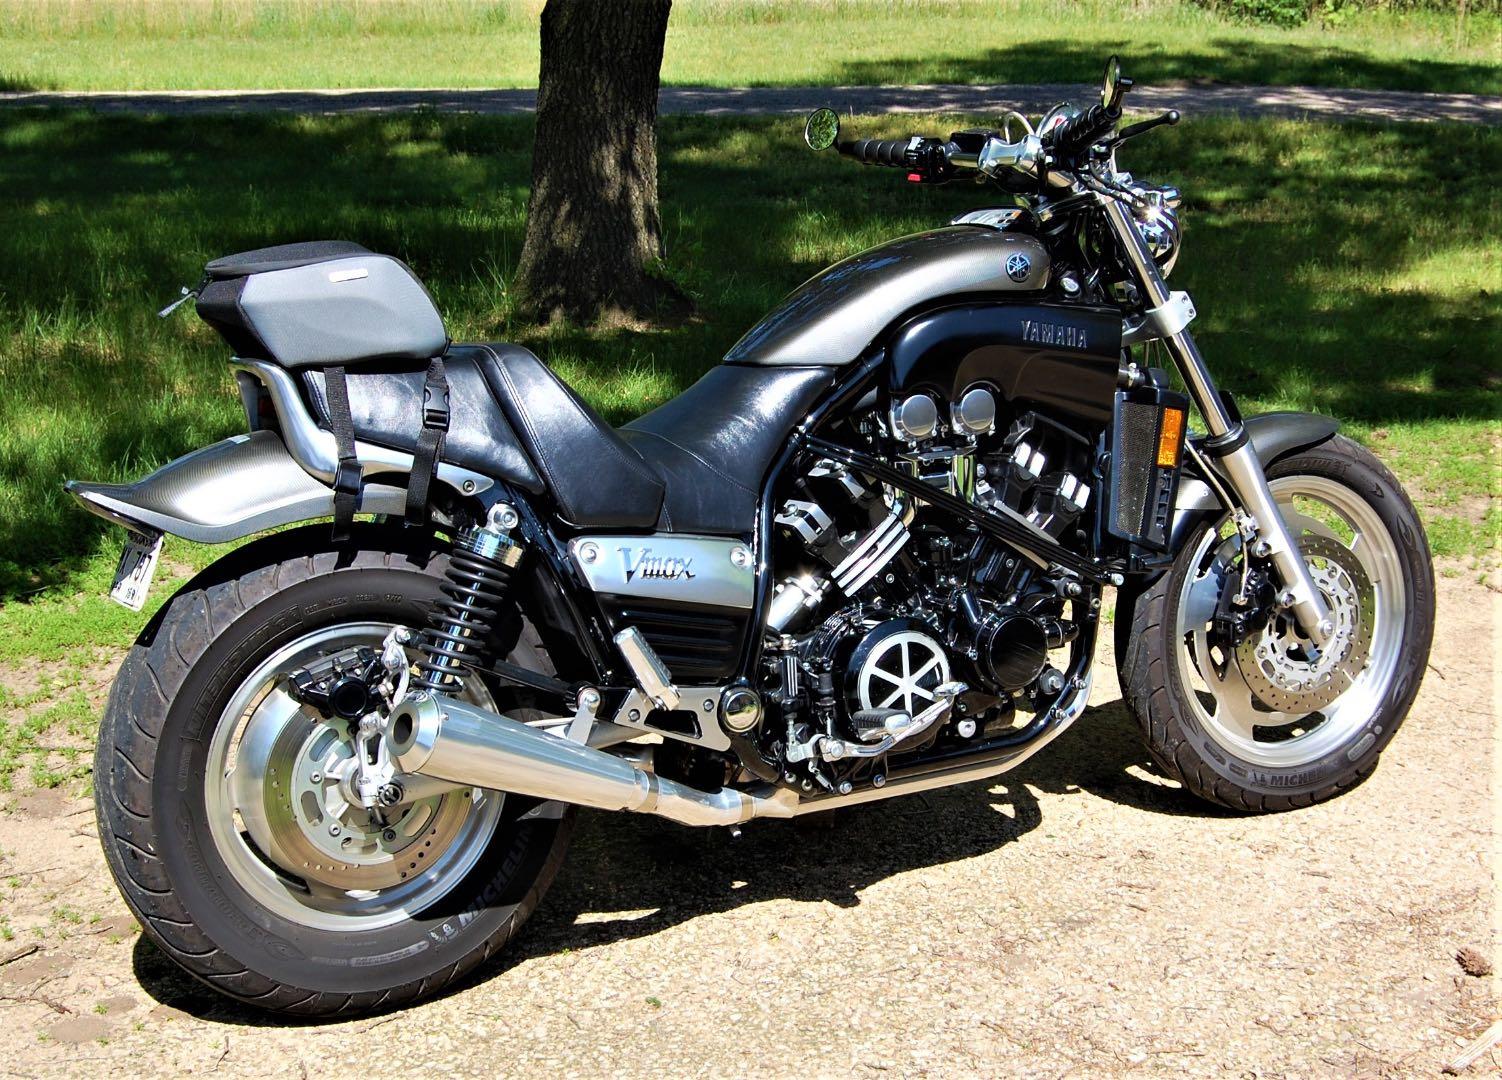 v-max horsepower 2002